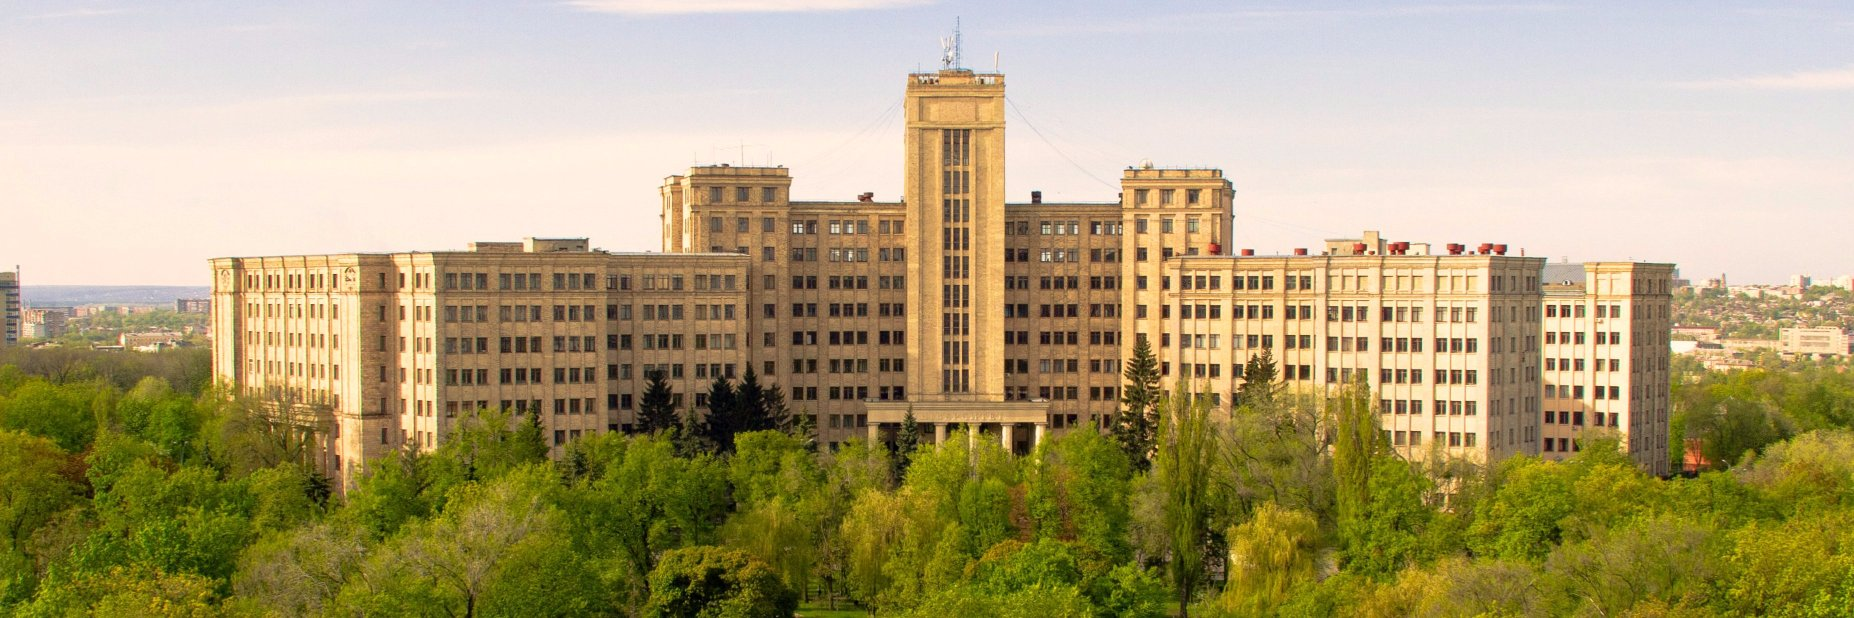 V. N. Karazin Kharkiv National University's official Twitter account